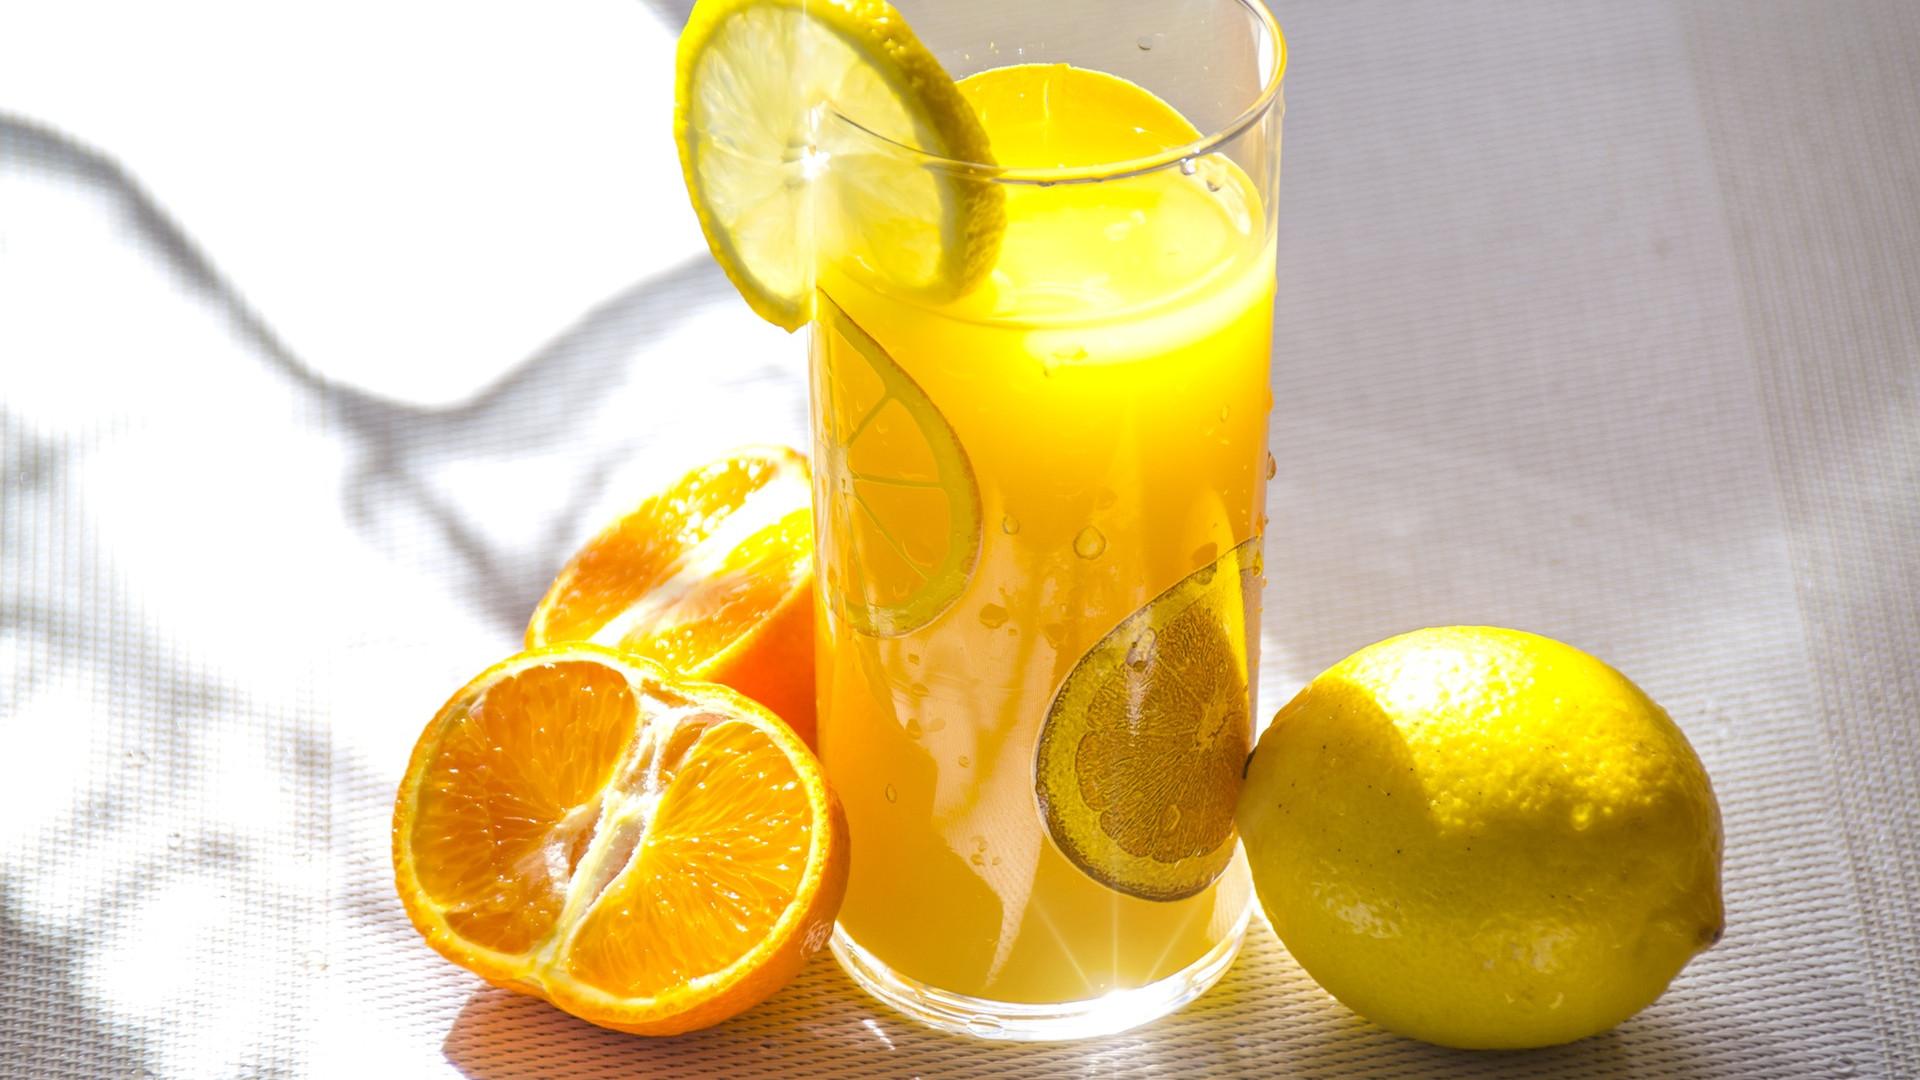 Le jus d'orange s'harmonise parfaitement avec vos plats